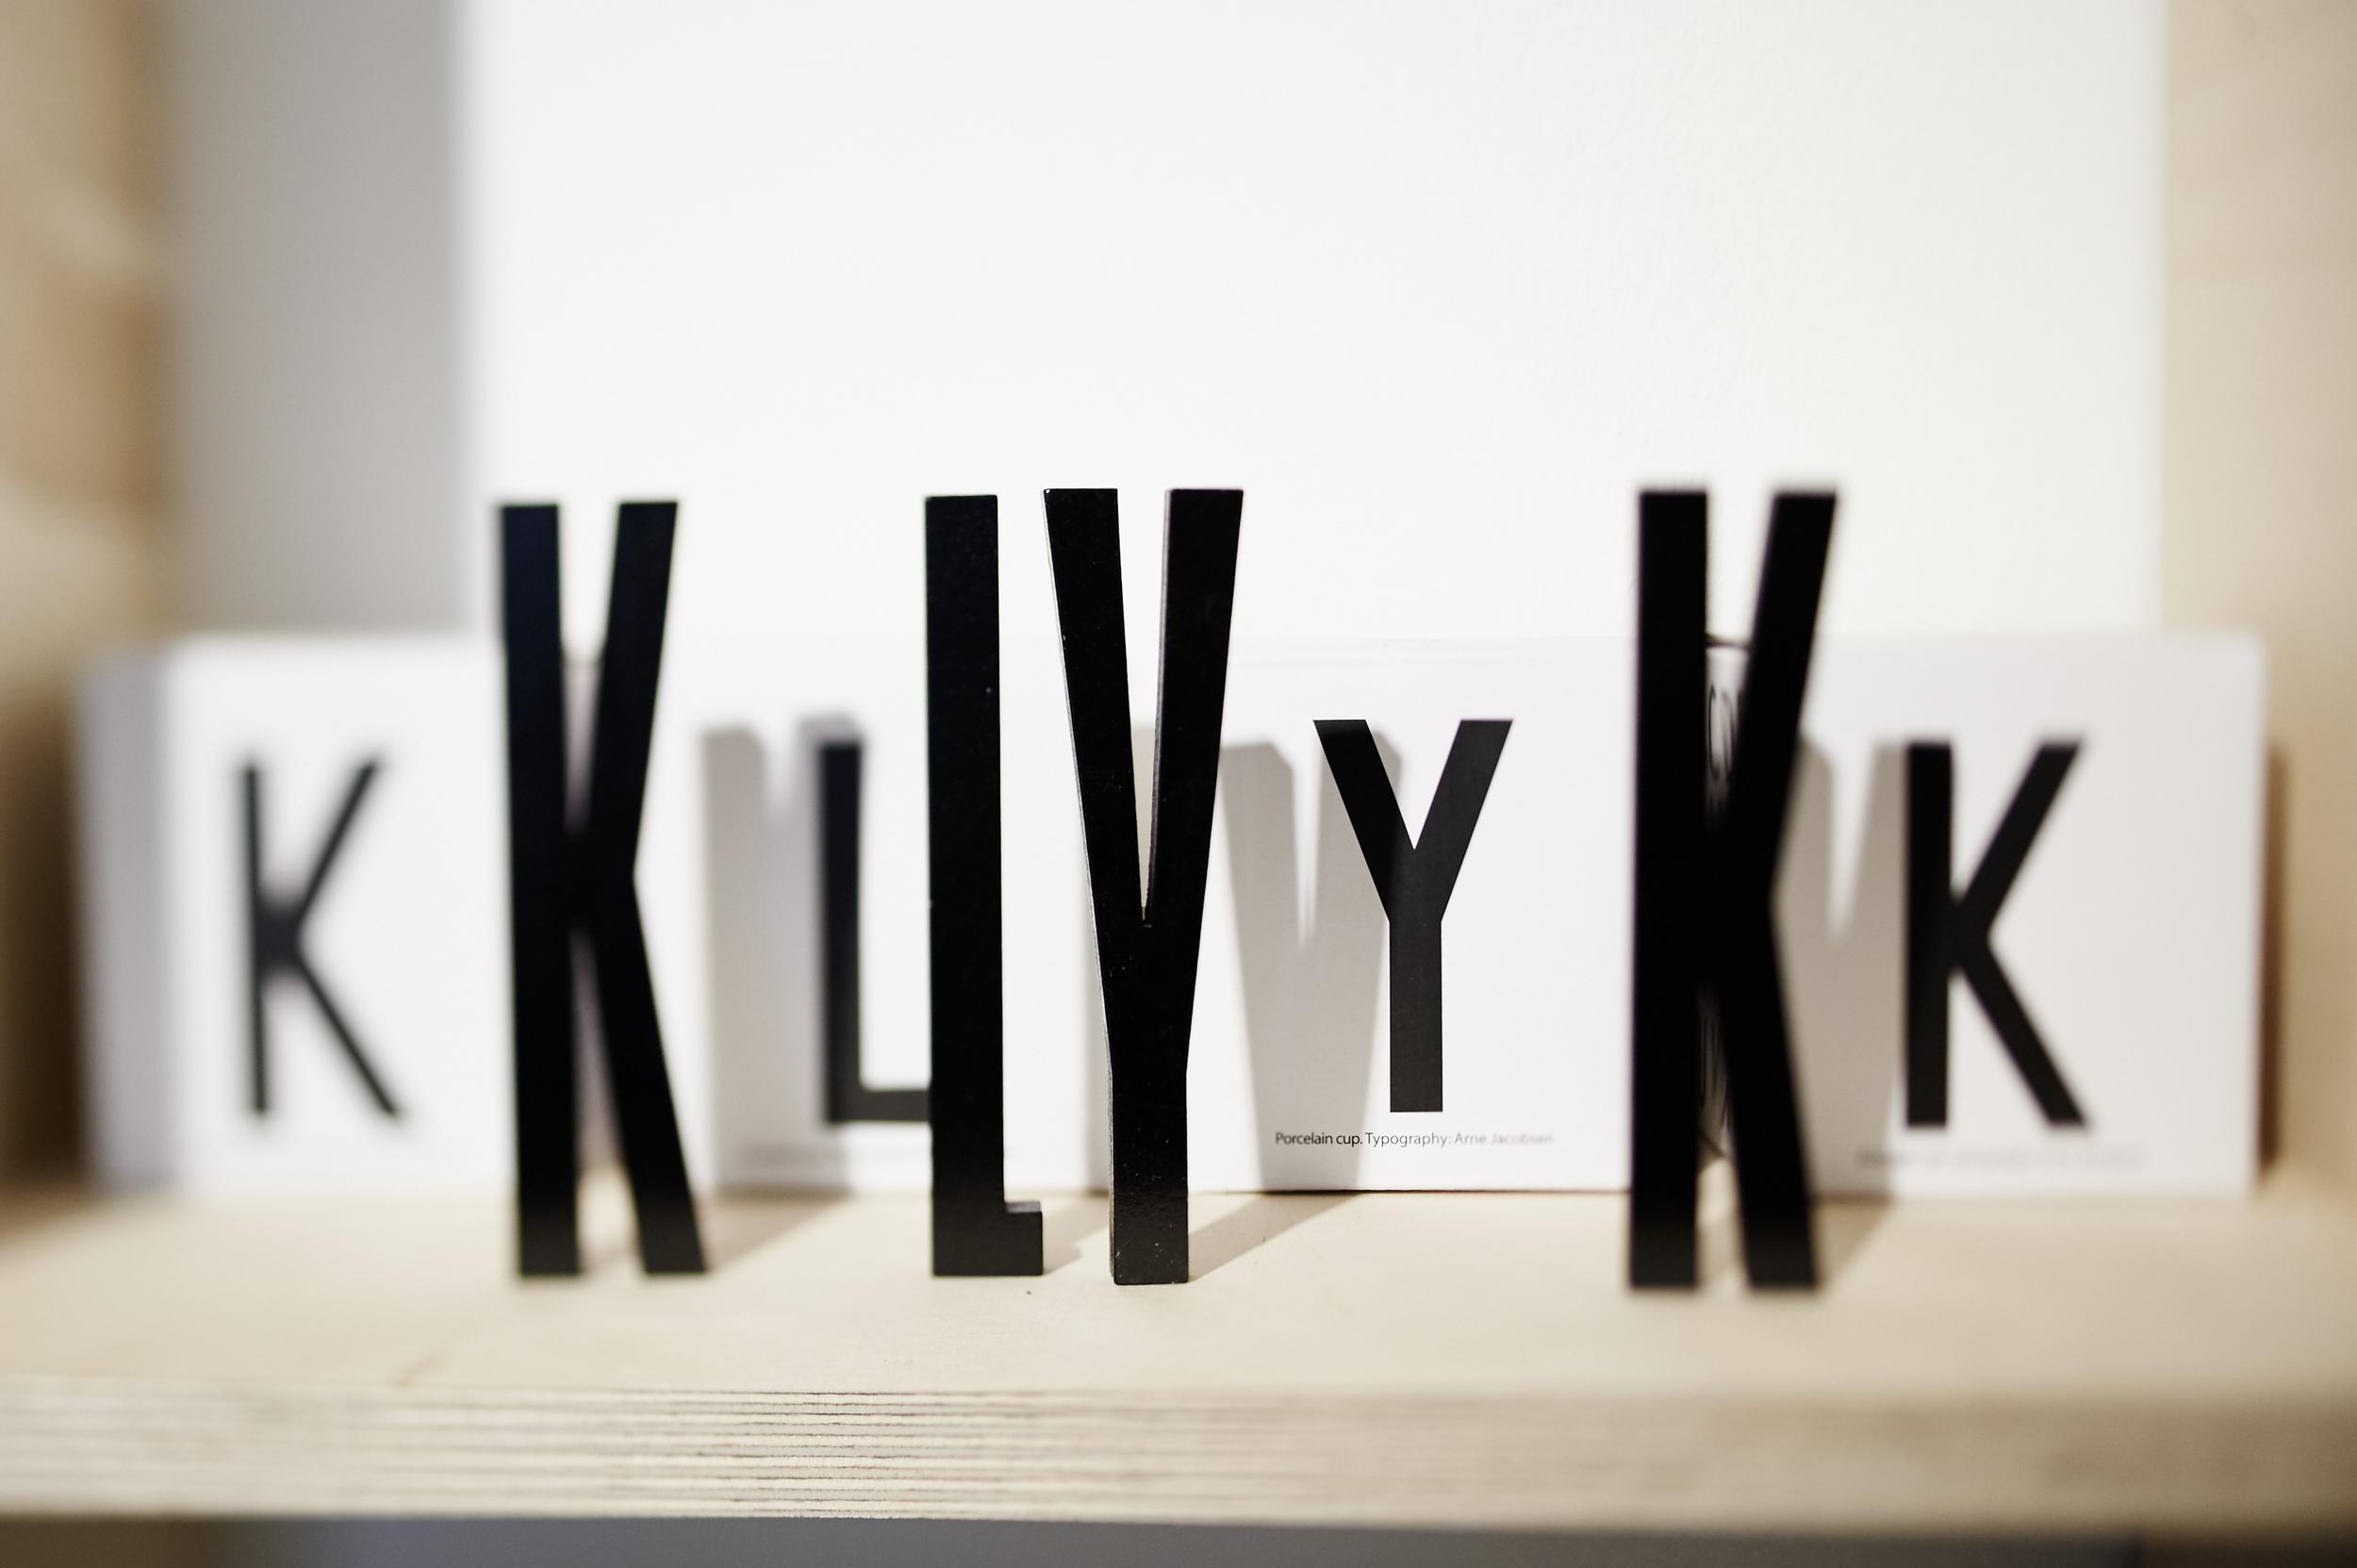 KLYK_1206.jpg